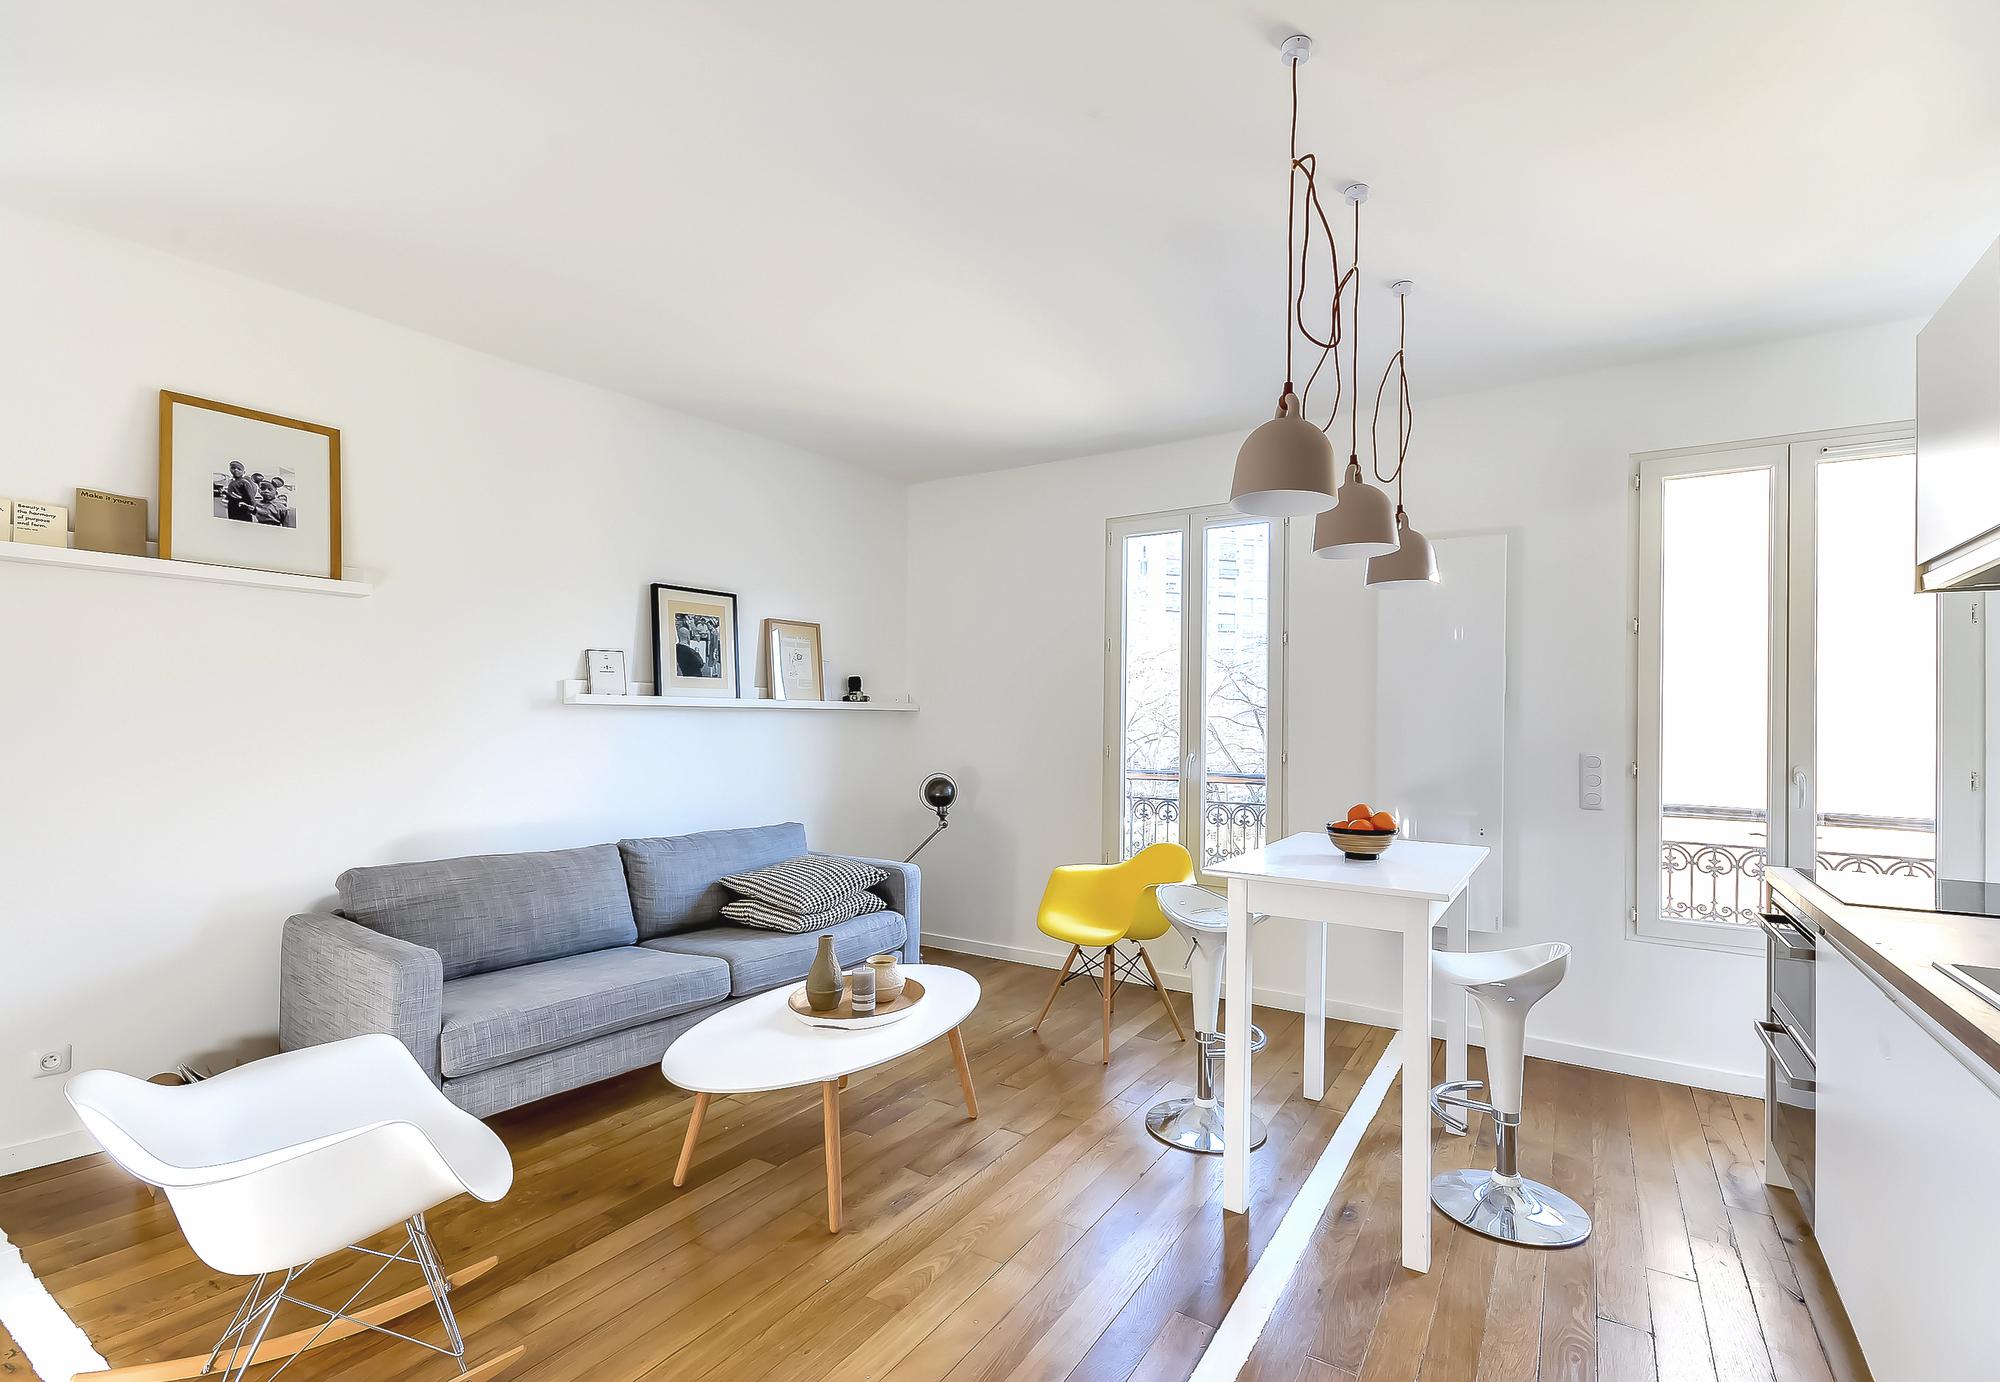 30m2 apartment in paris 4 30m2 Apartment in Paris